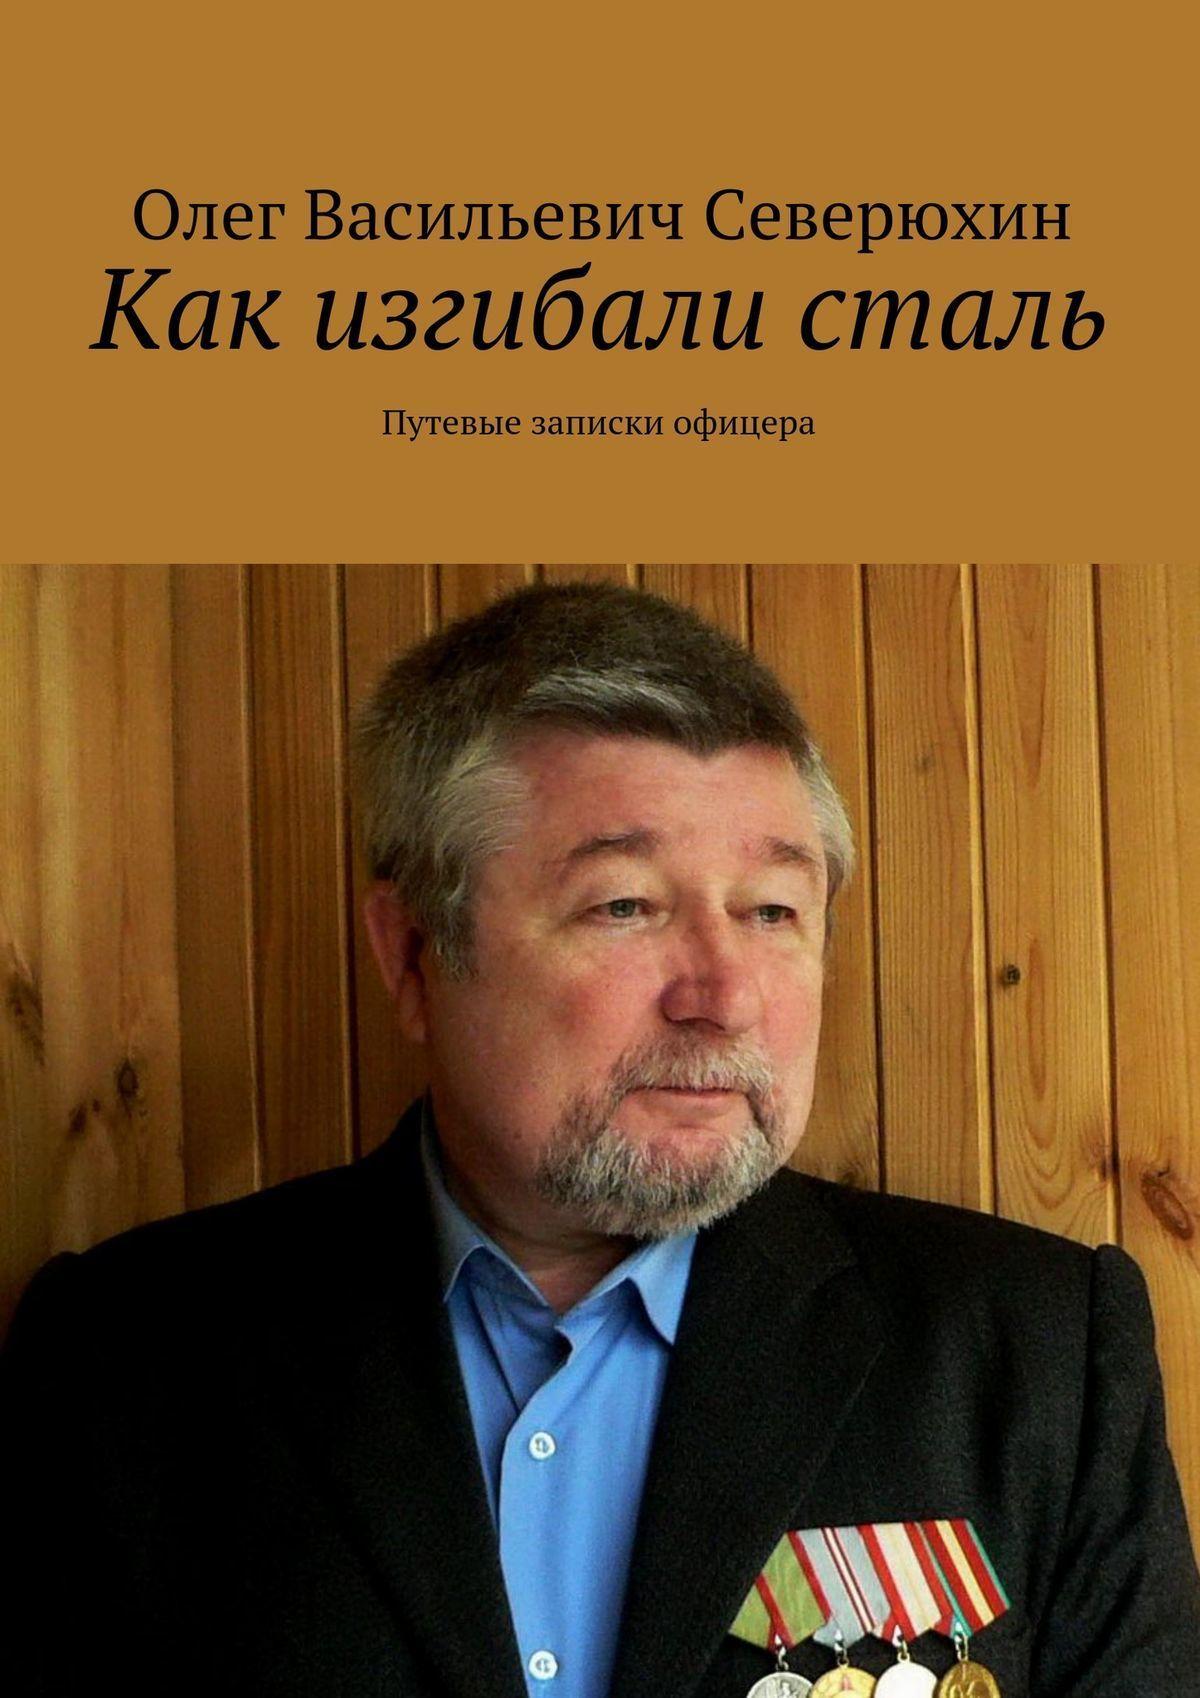 Олег Васильевич Северюхин Как изгибали сталь. Путевые записки офицера